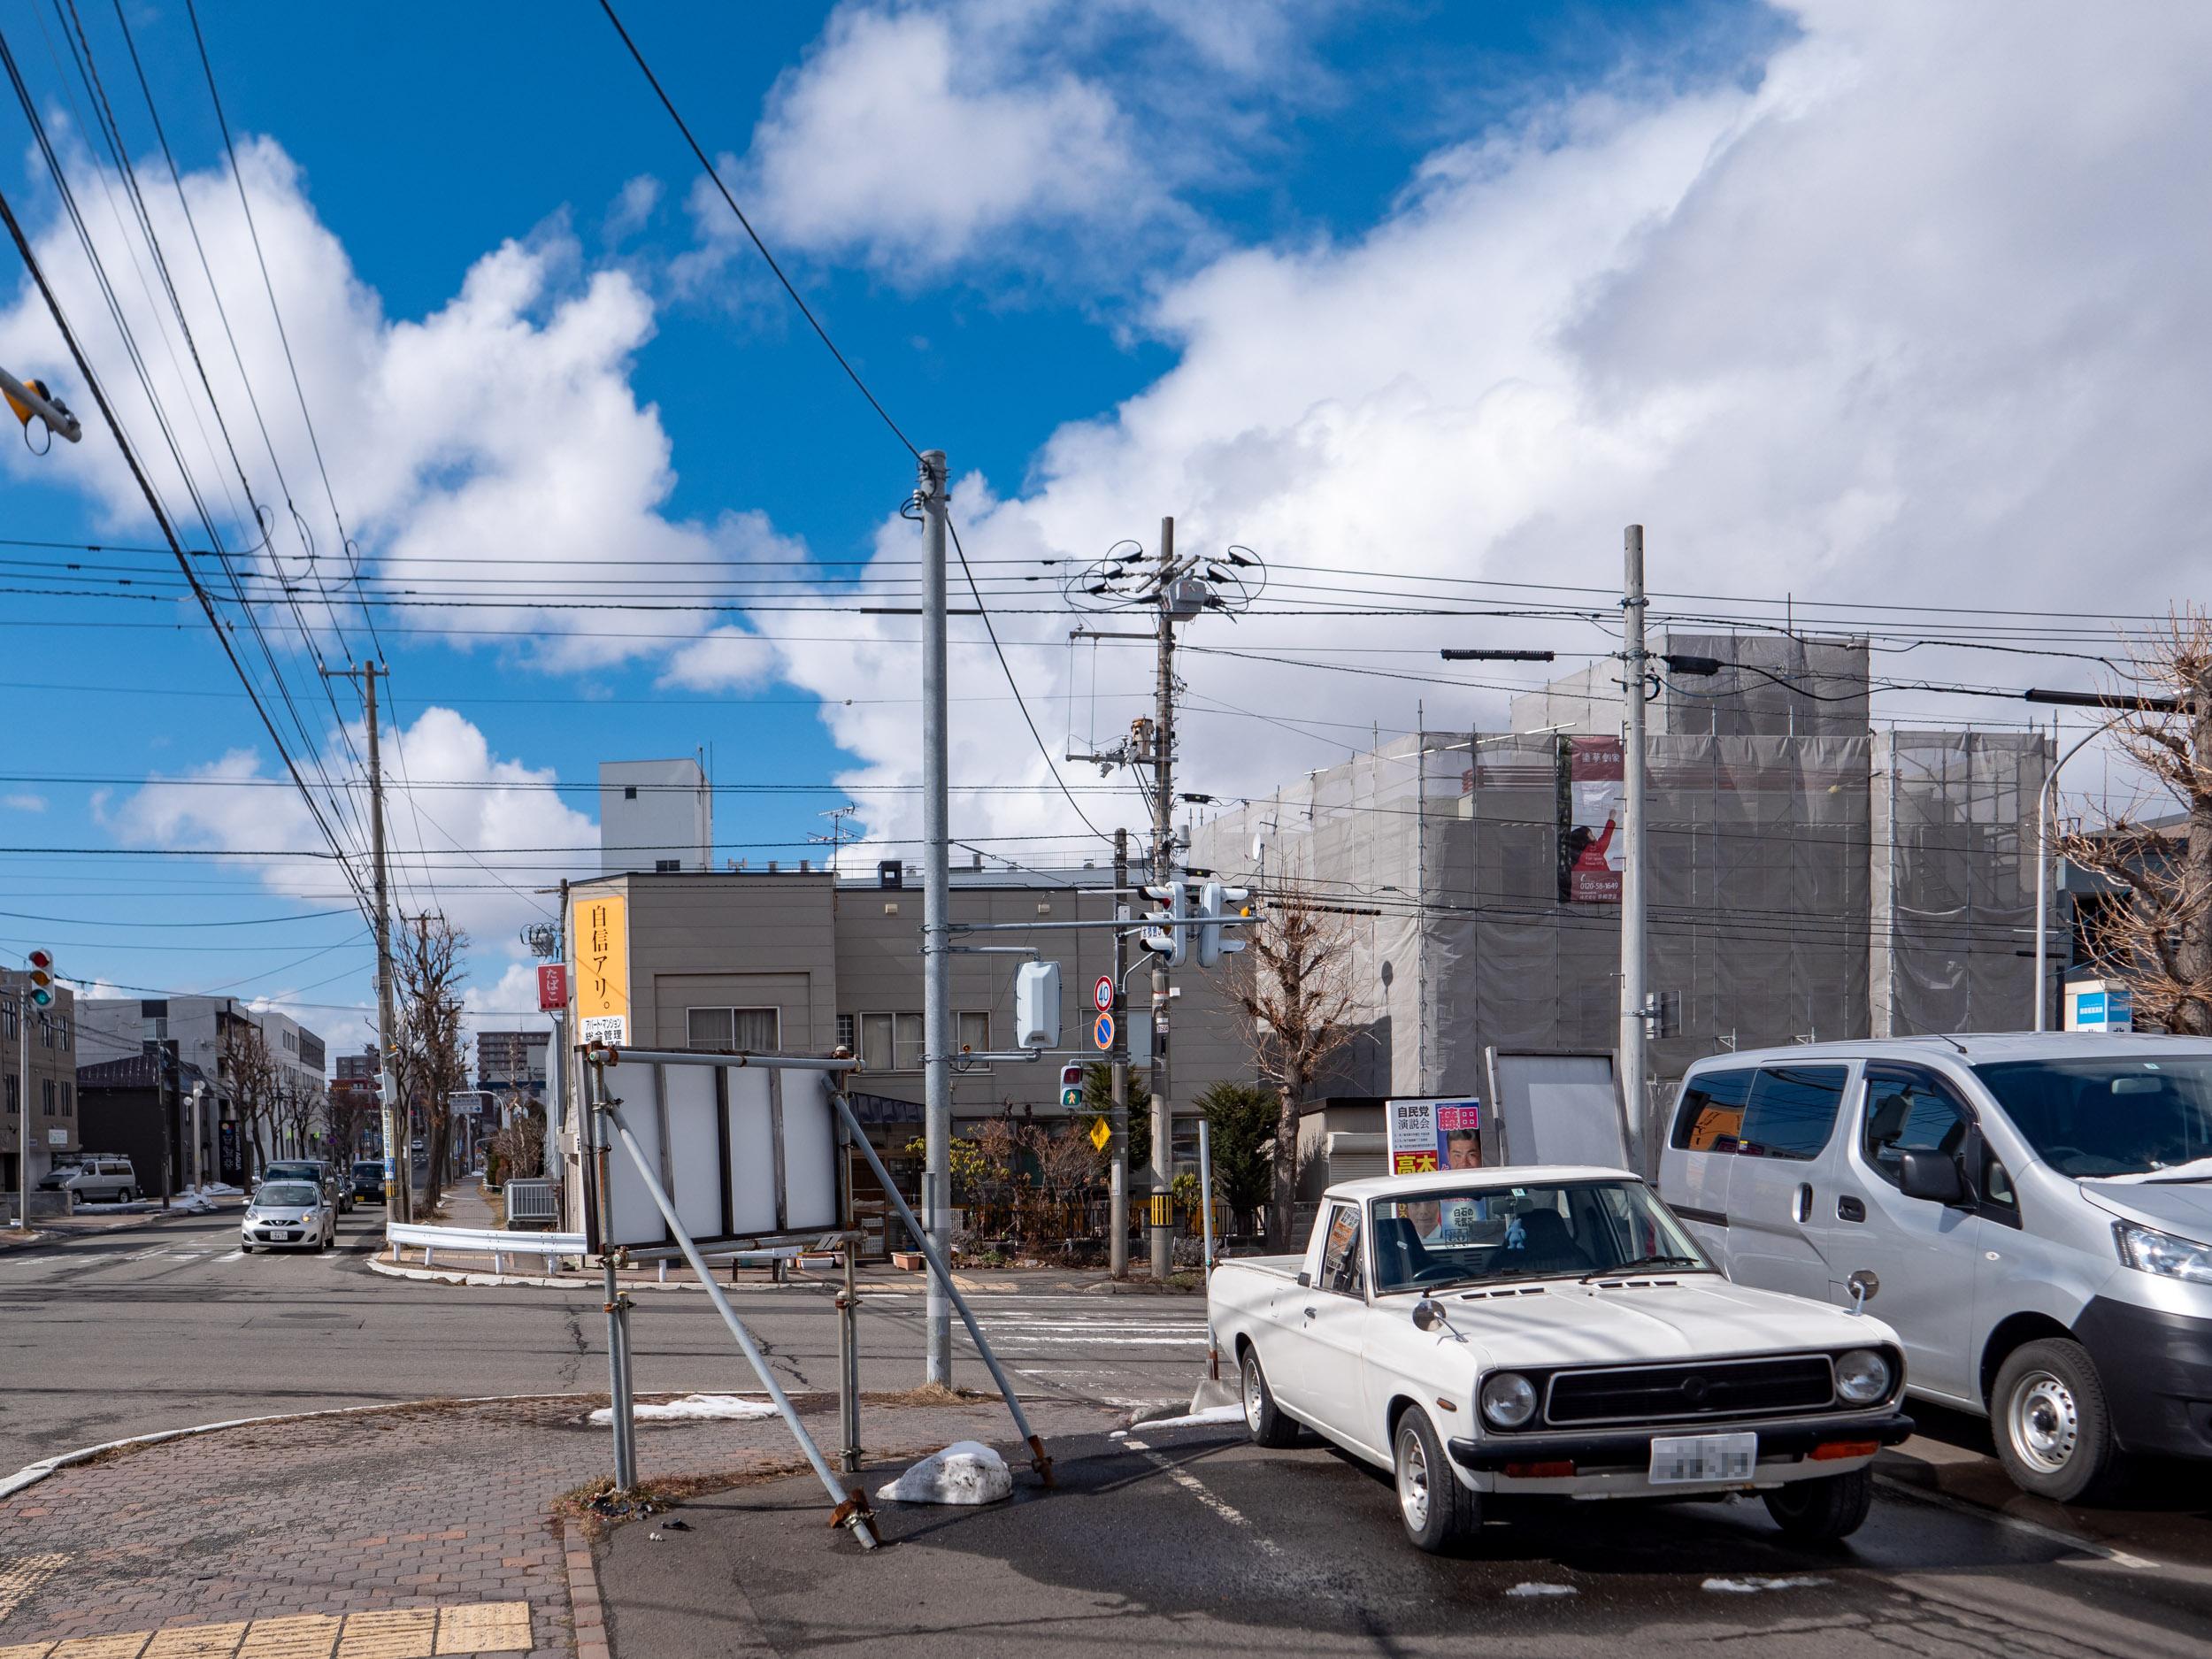 札幌市白石区本郷通4丁目駐車場のサニートラック DMC-GX8 + LEICA DG 12-60mm